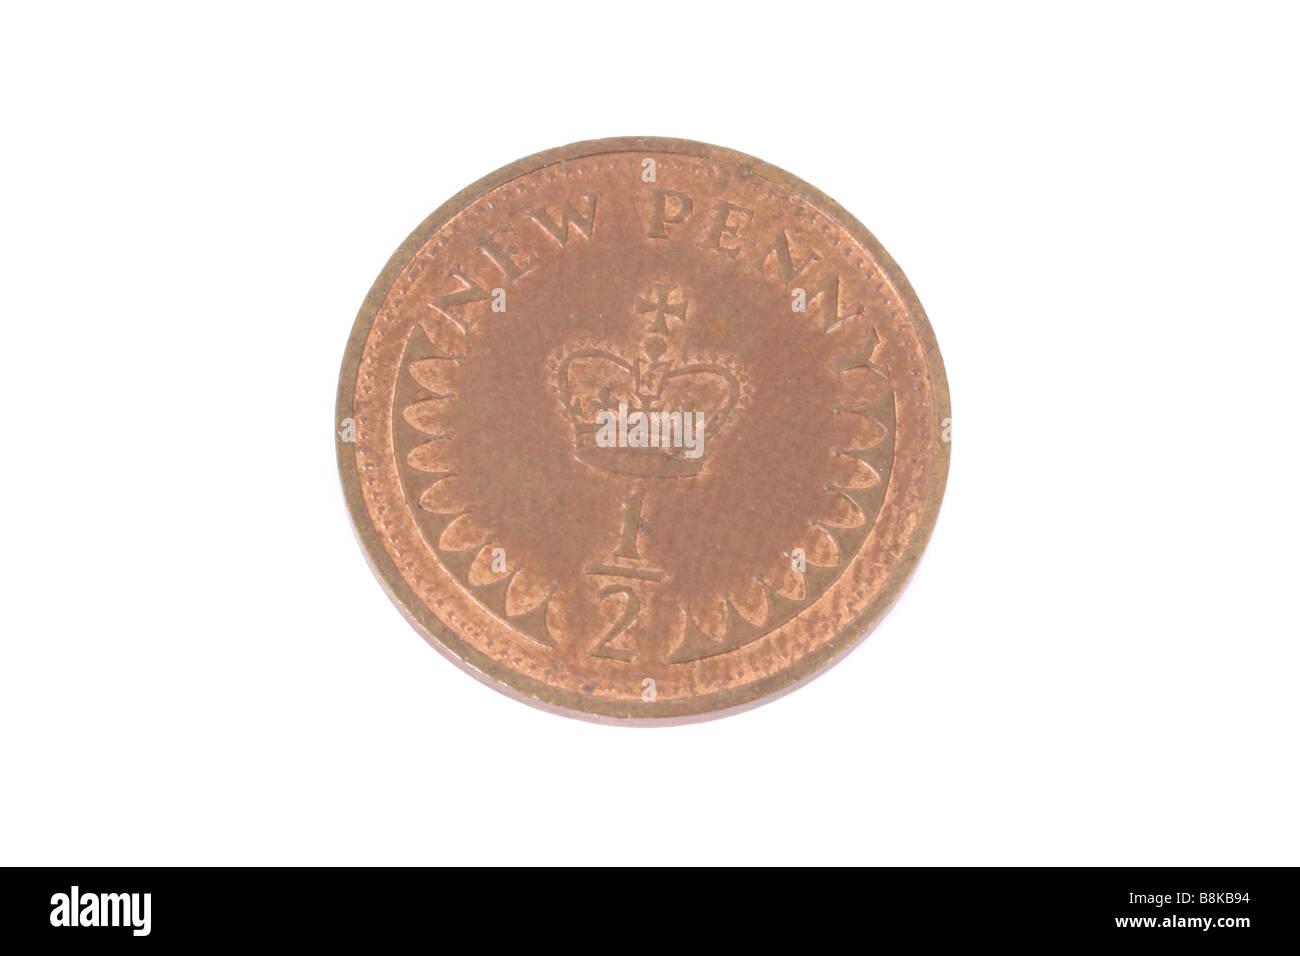 Einen halben Cent Münze englische Münze. Stockbild